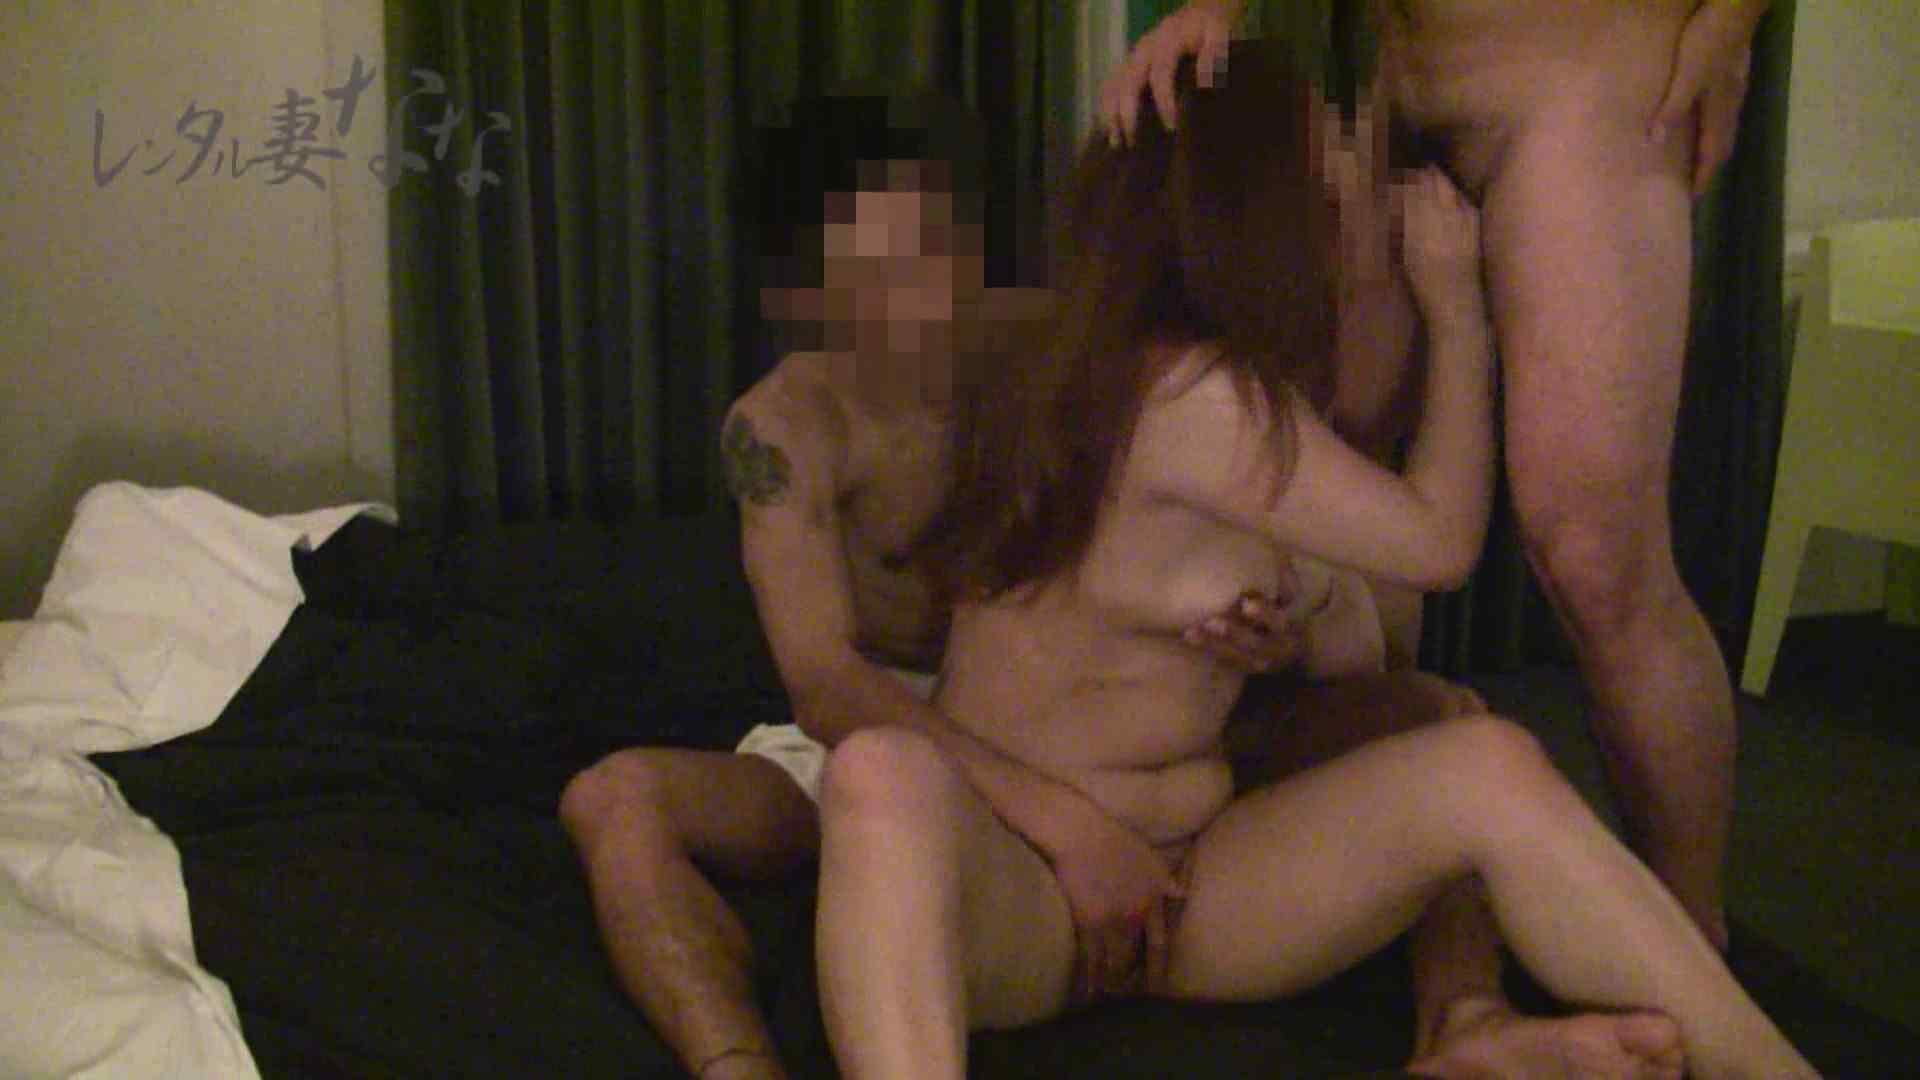 レンタル妻ななのお友達vol.2 OLすけべ画像 | セックス見放題  41連発 9